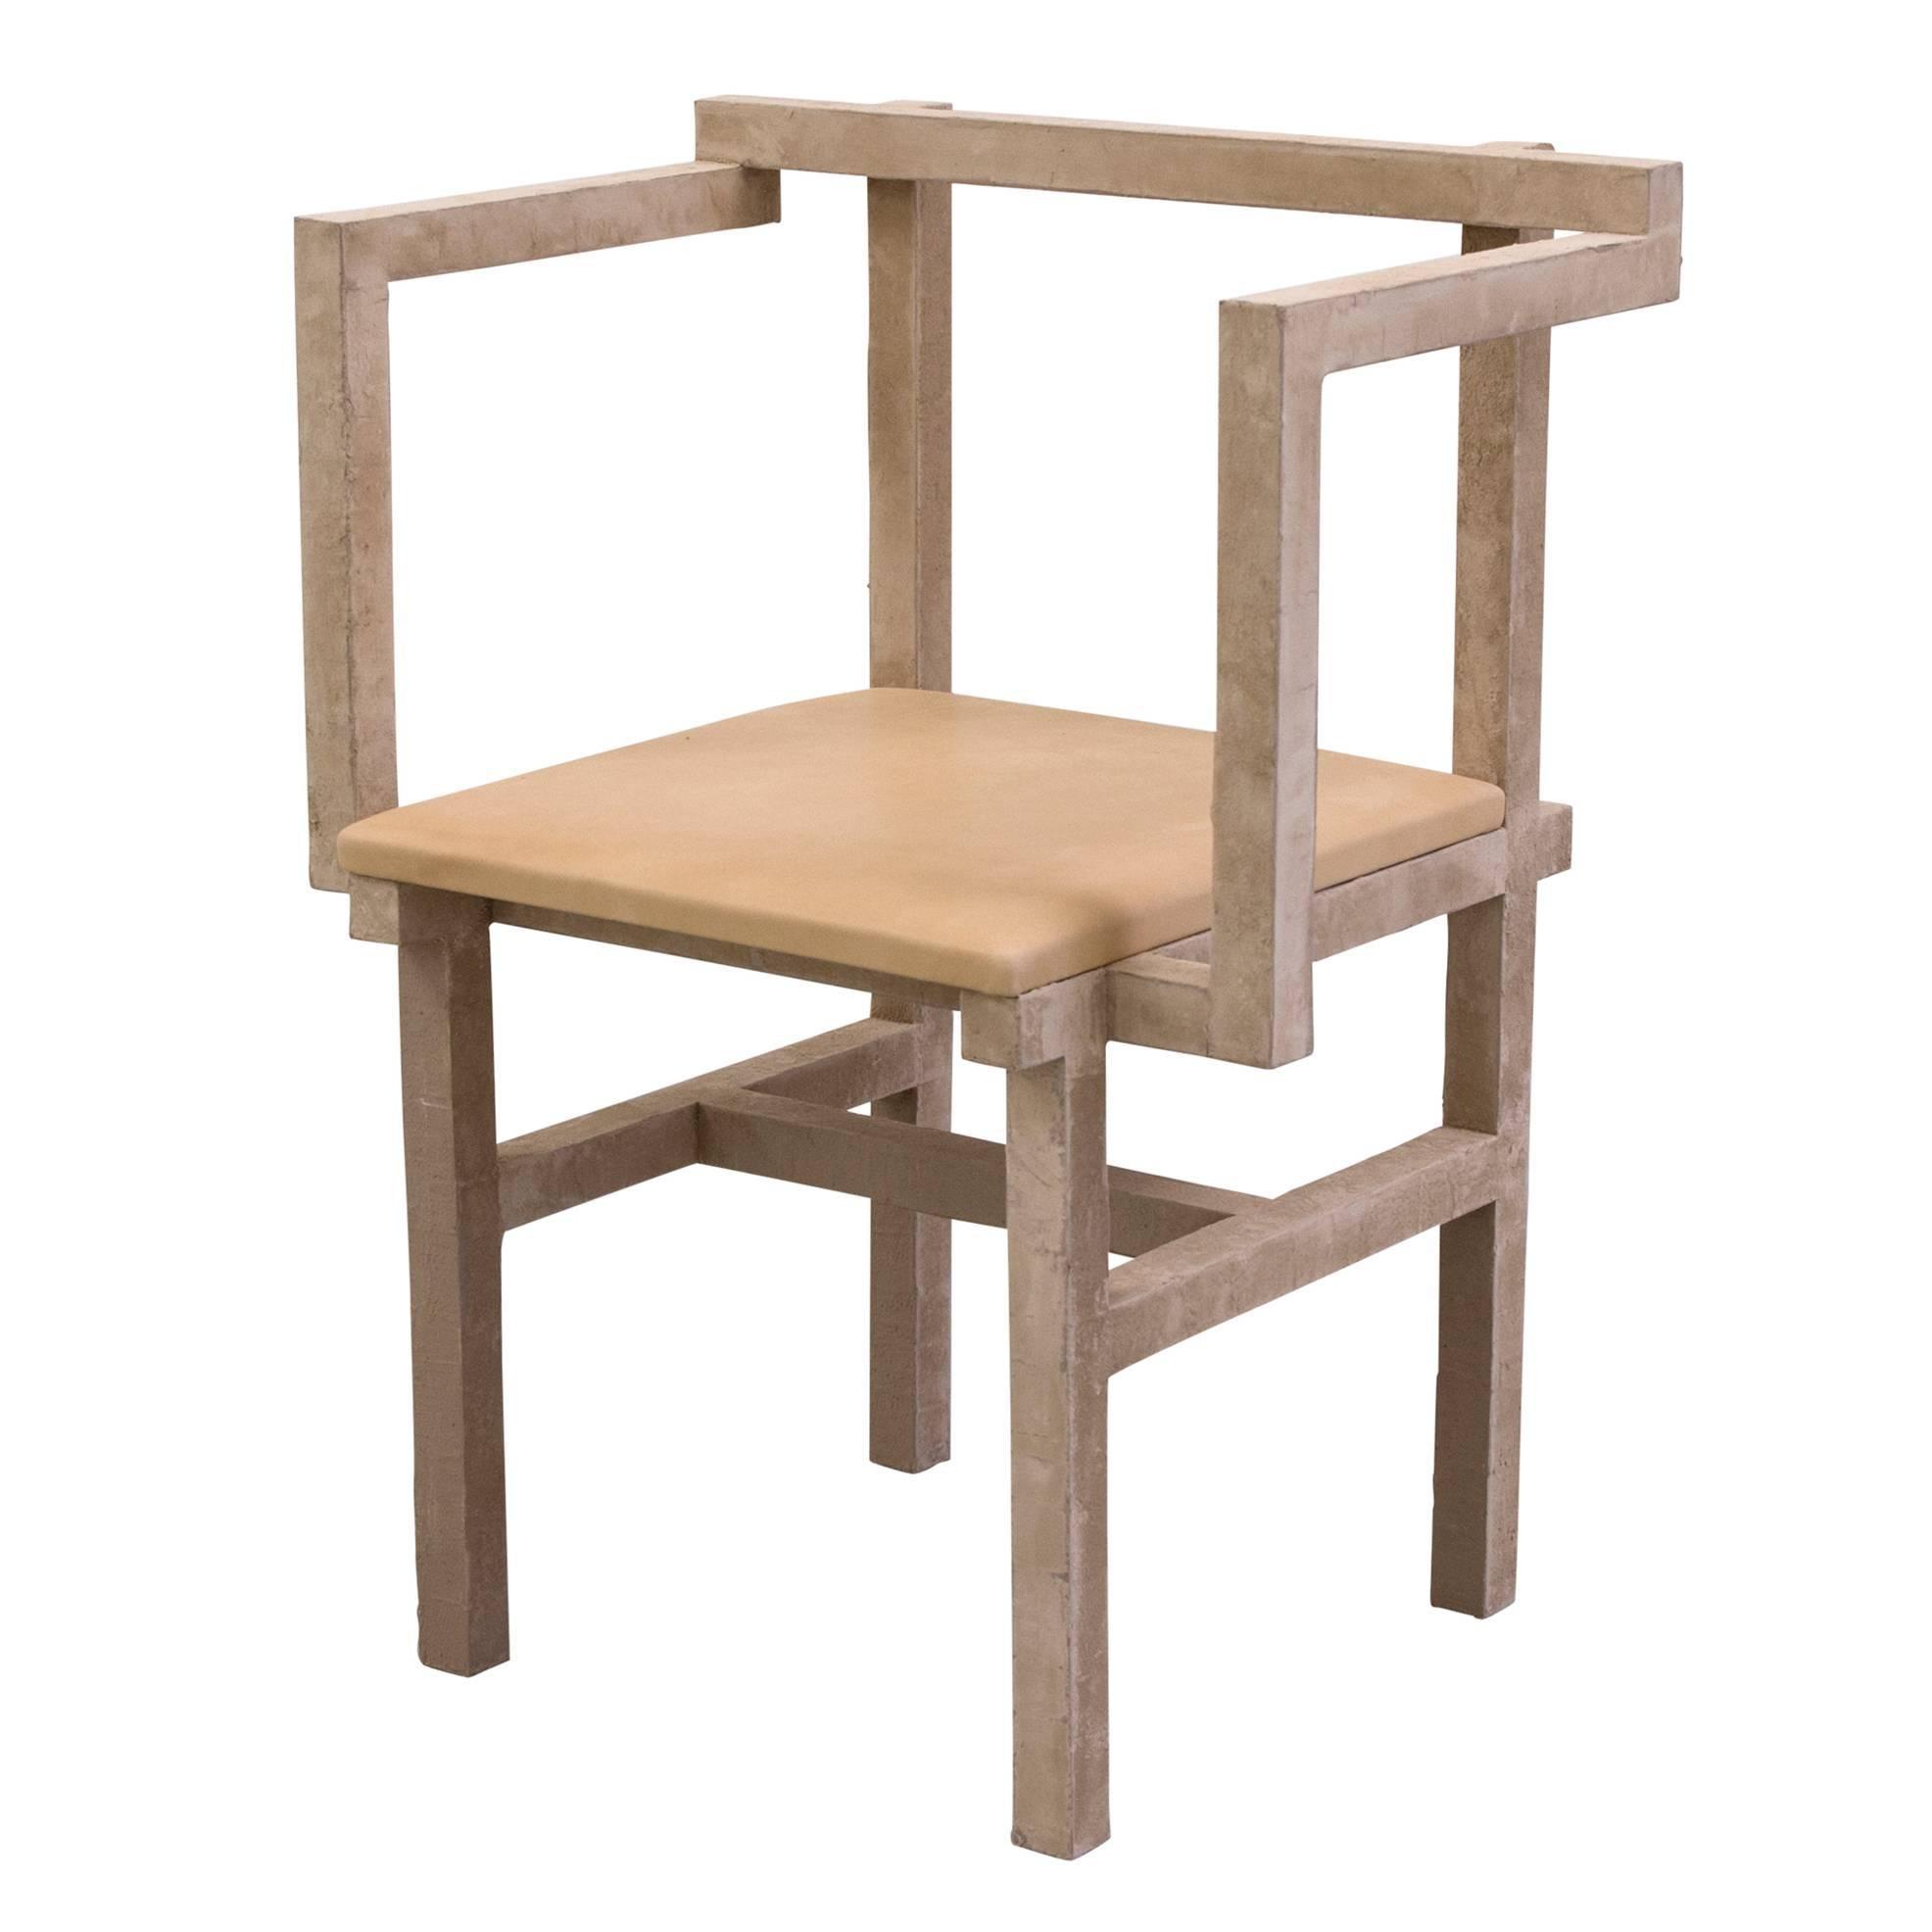 Unique Contemporary Design Armchair, by Fredrik Paulsen